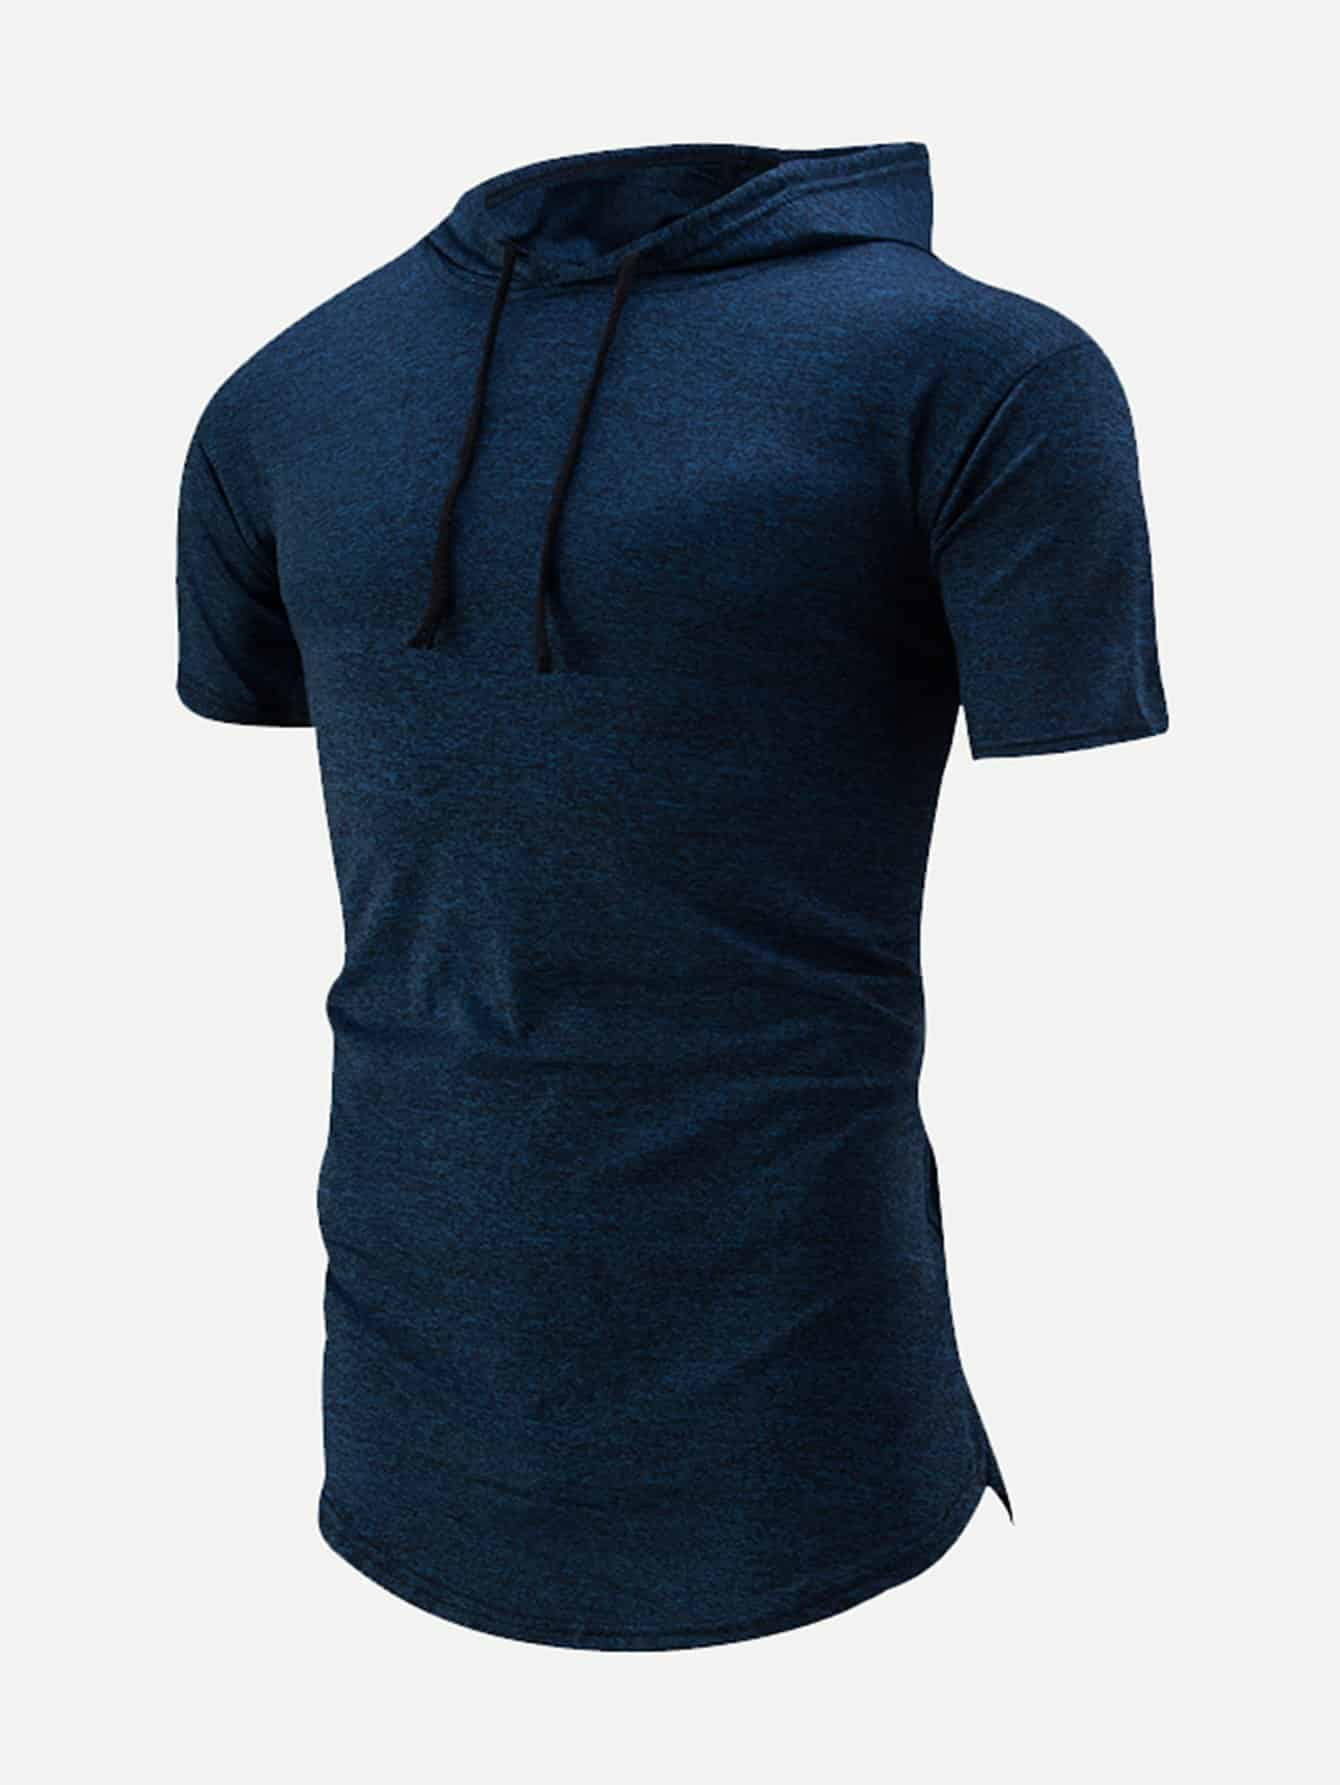 Купить Ровный цвет на кулиске Темно синий Мужские толстовки, null, SheIn